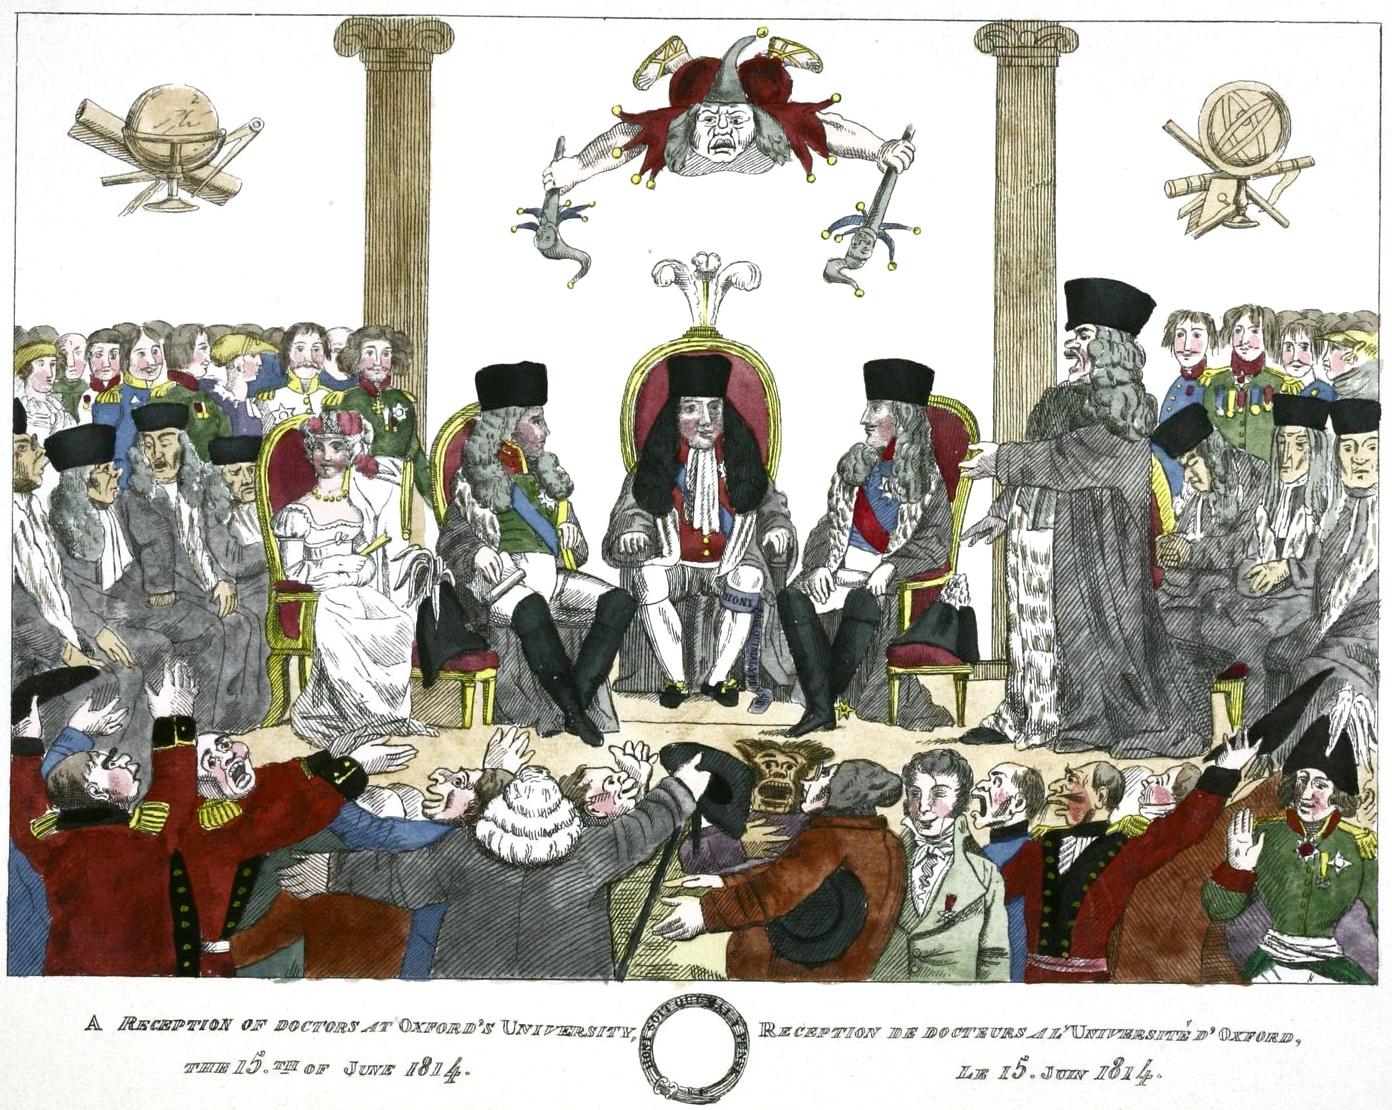 239. Торжественное посвящение Александра I и Фридриха Вильгельма, в 1814 г., в доктора Оксфордского университета, в бытность их в Лондоне. В то же время докторский диплом был поднесен и Гетману Платову.